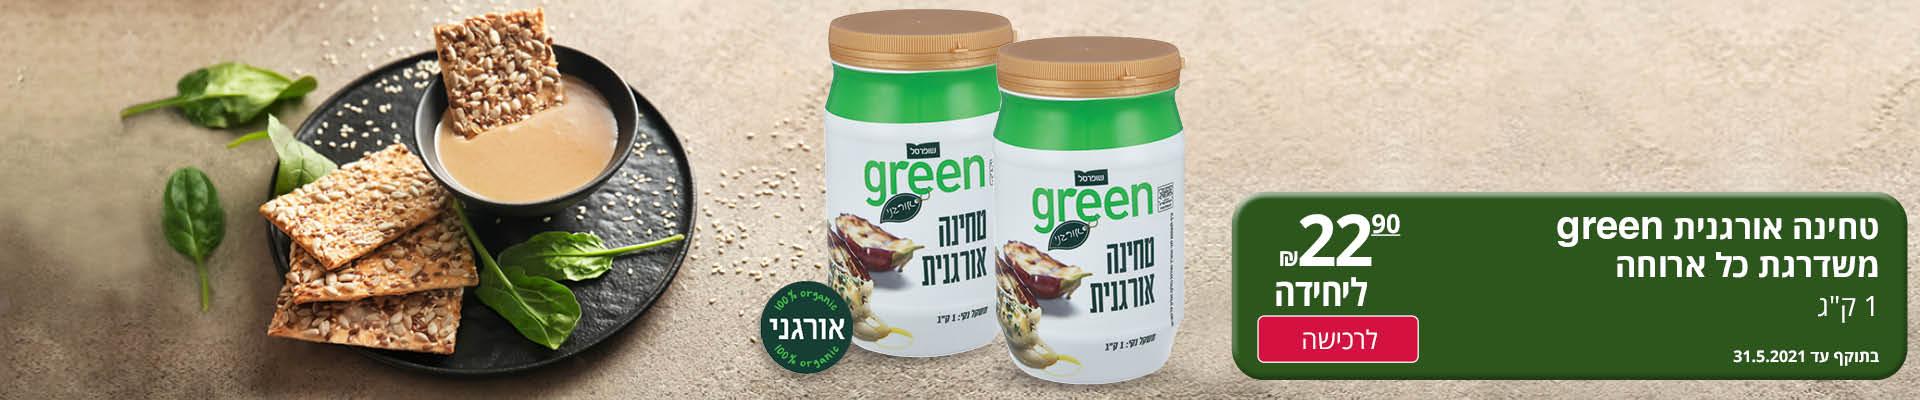 """טחינה אורגנית GREEN משדרגת כל ארוחה 1 ק""""ג 22.90 ₪ ליחידה לרכישה בתוקף עד 31.5.2021"""